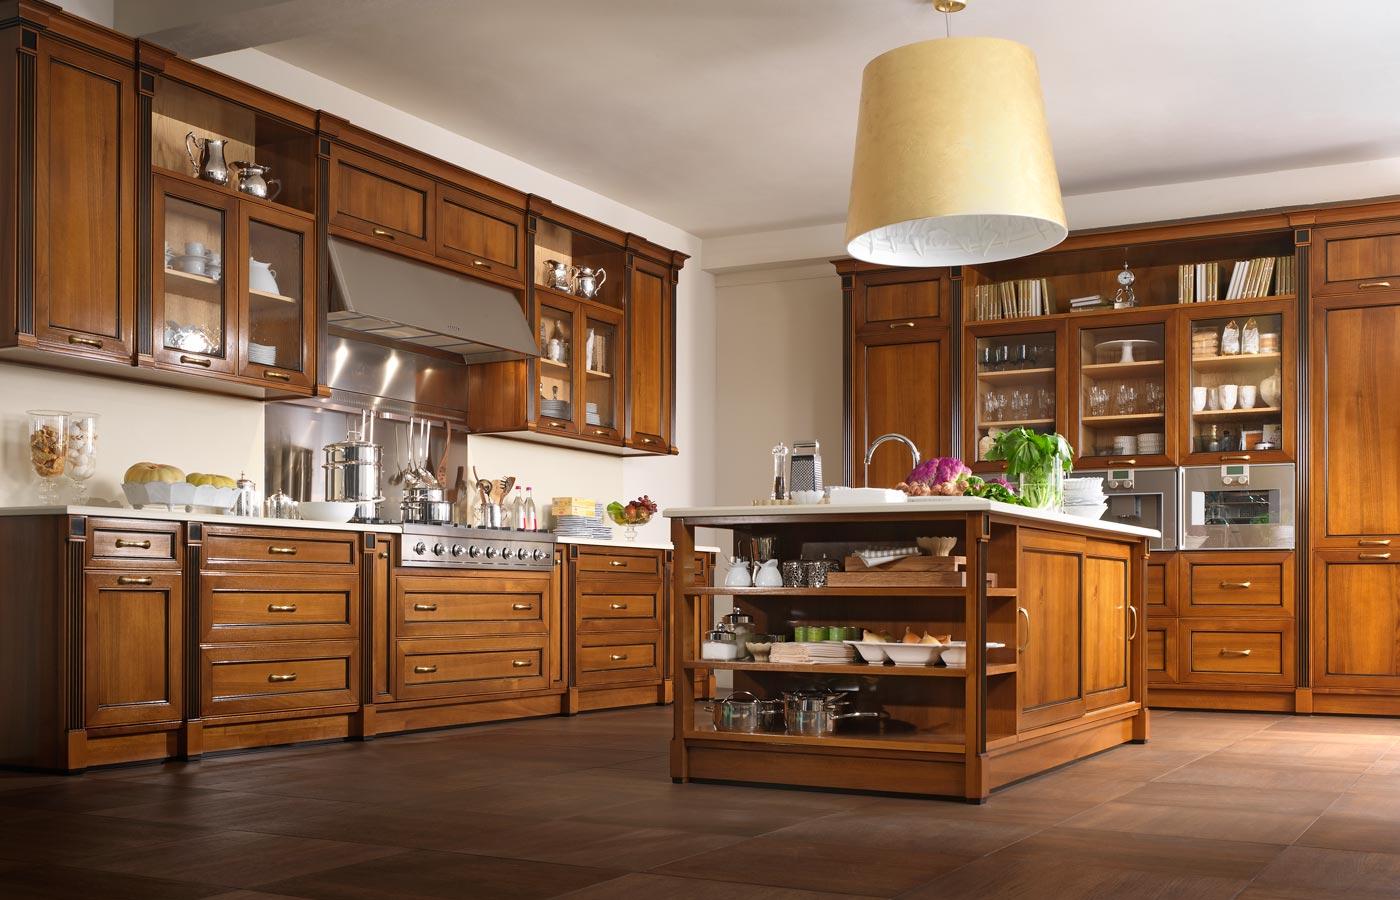 FM BOTTEGA D`ARTE, Кухня модель Milano | стоимость в Казани